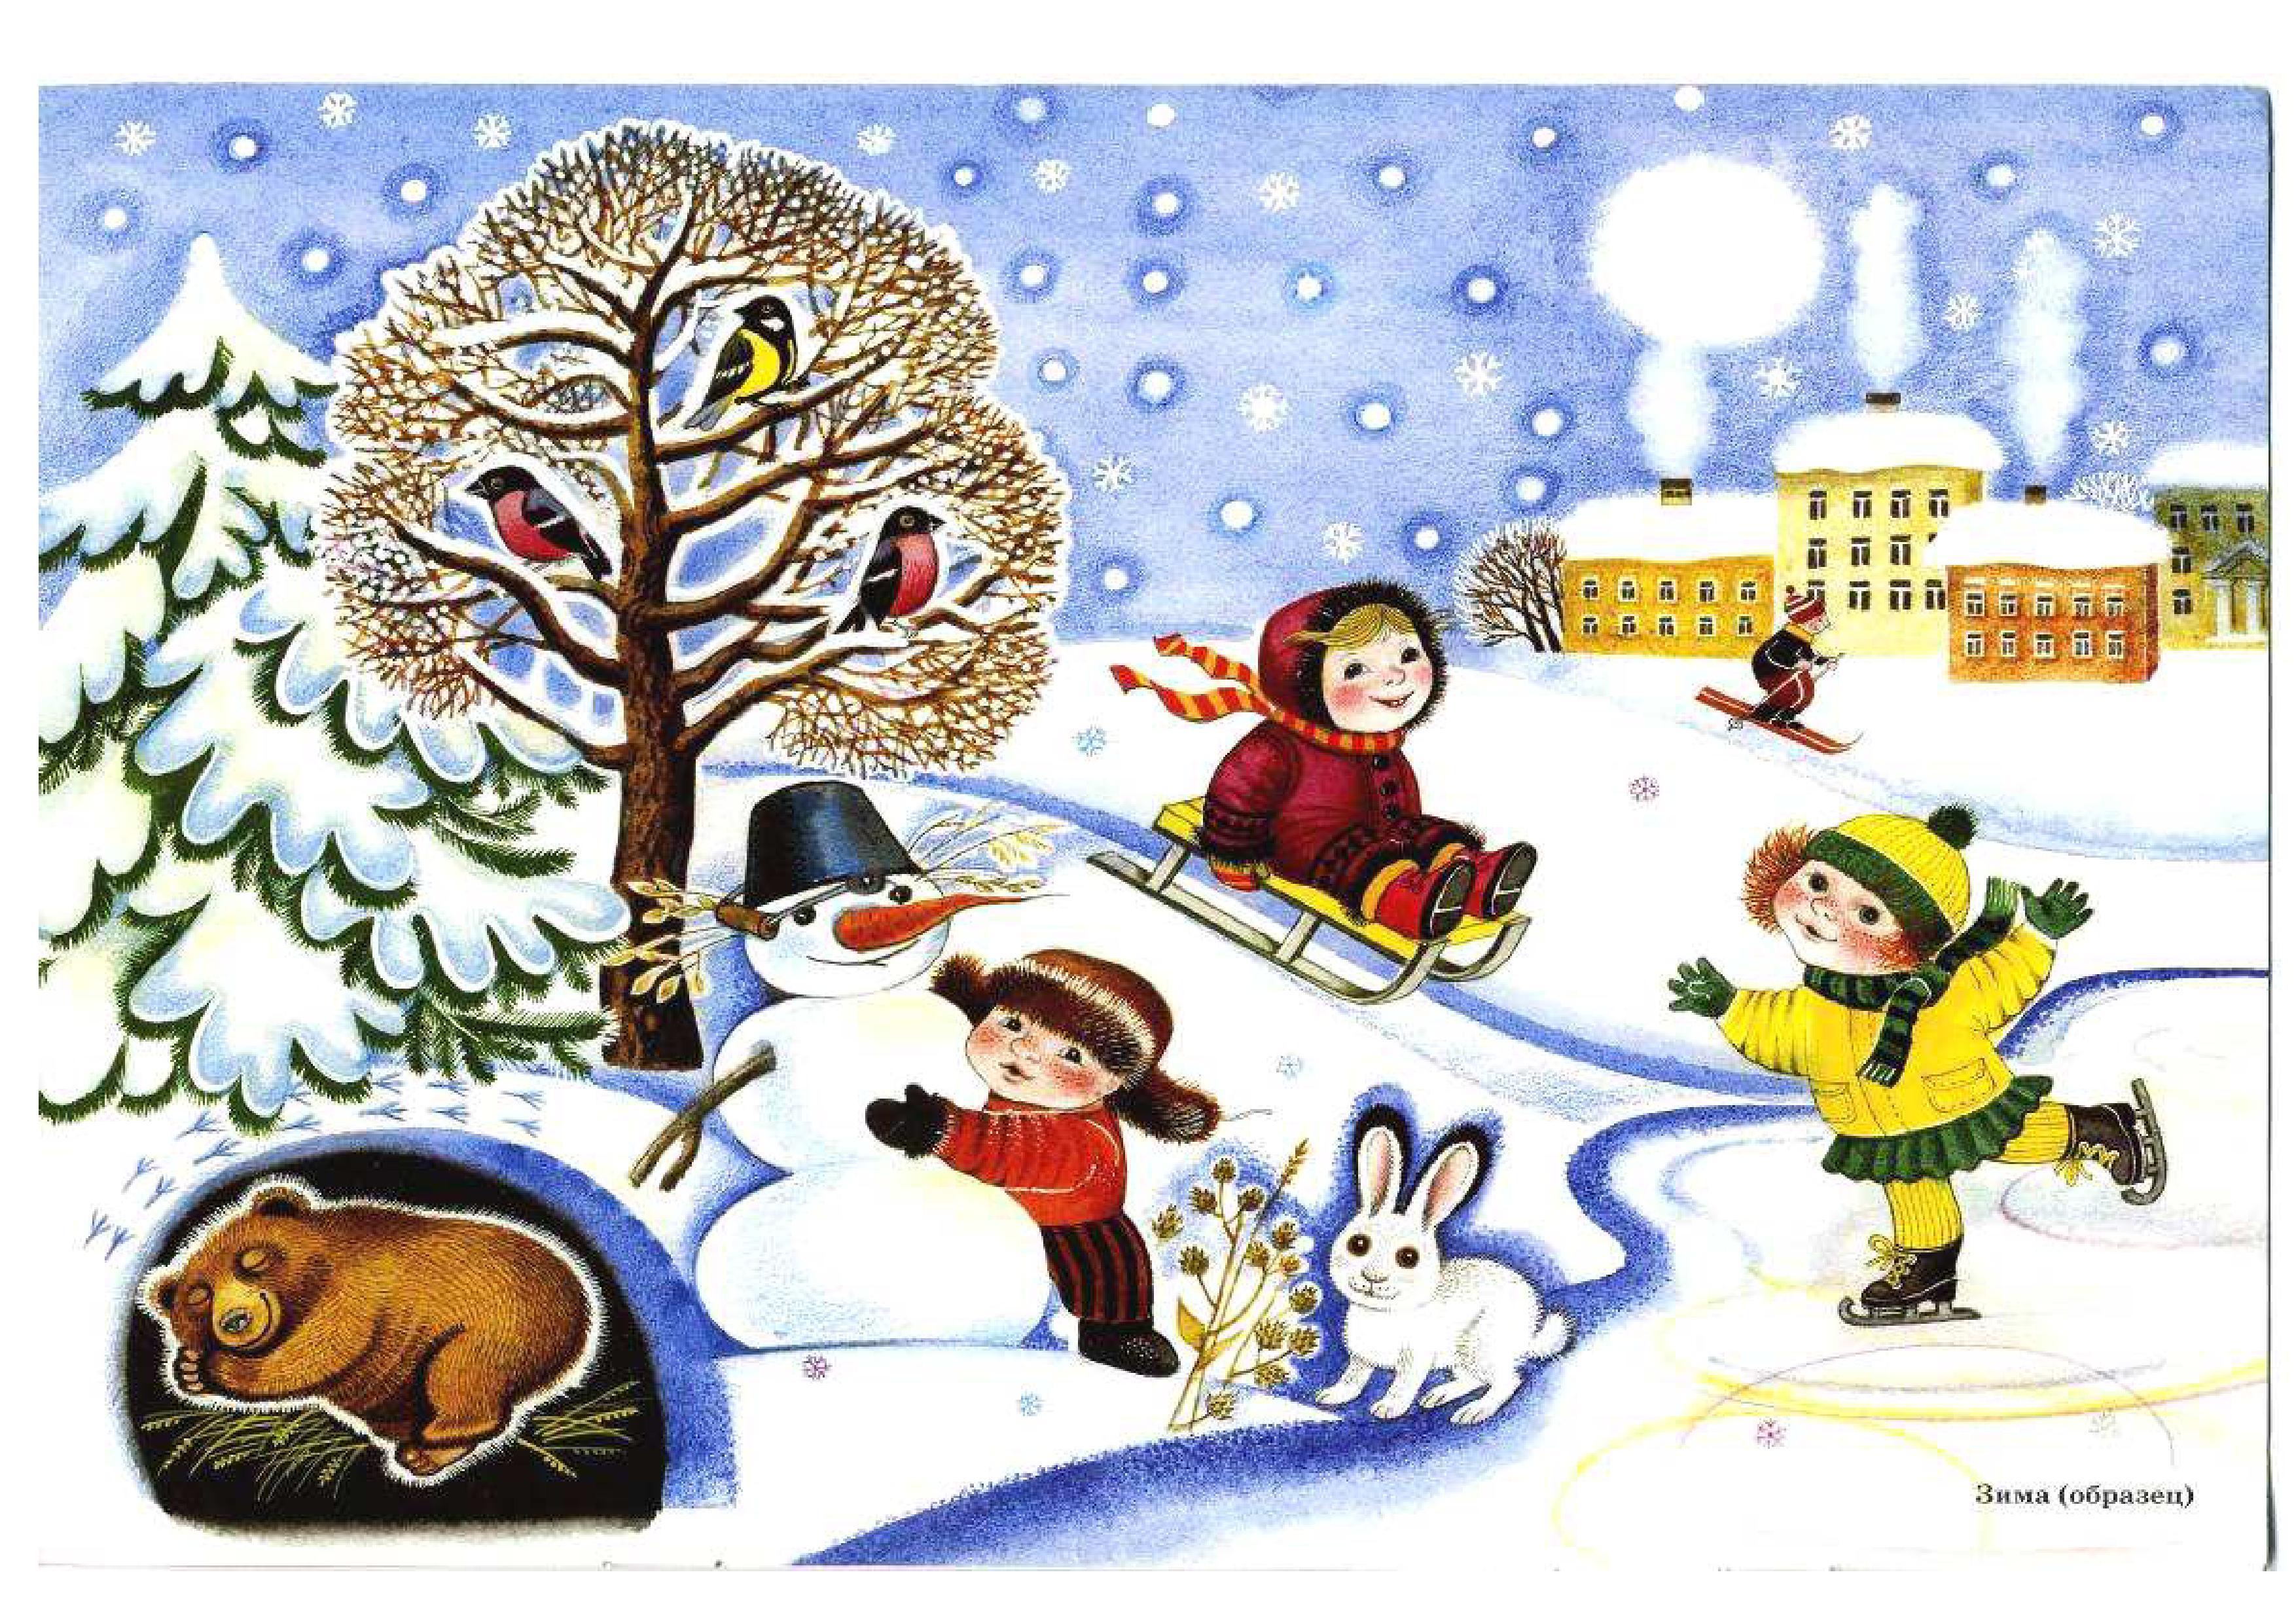 Зима рисунки своими руками 2